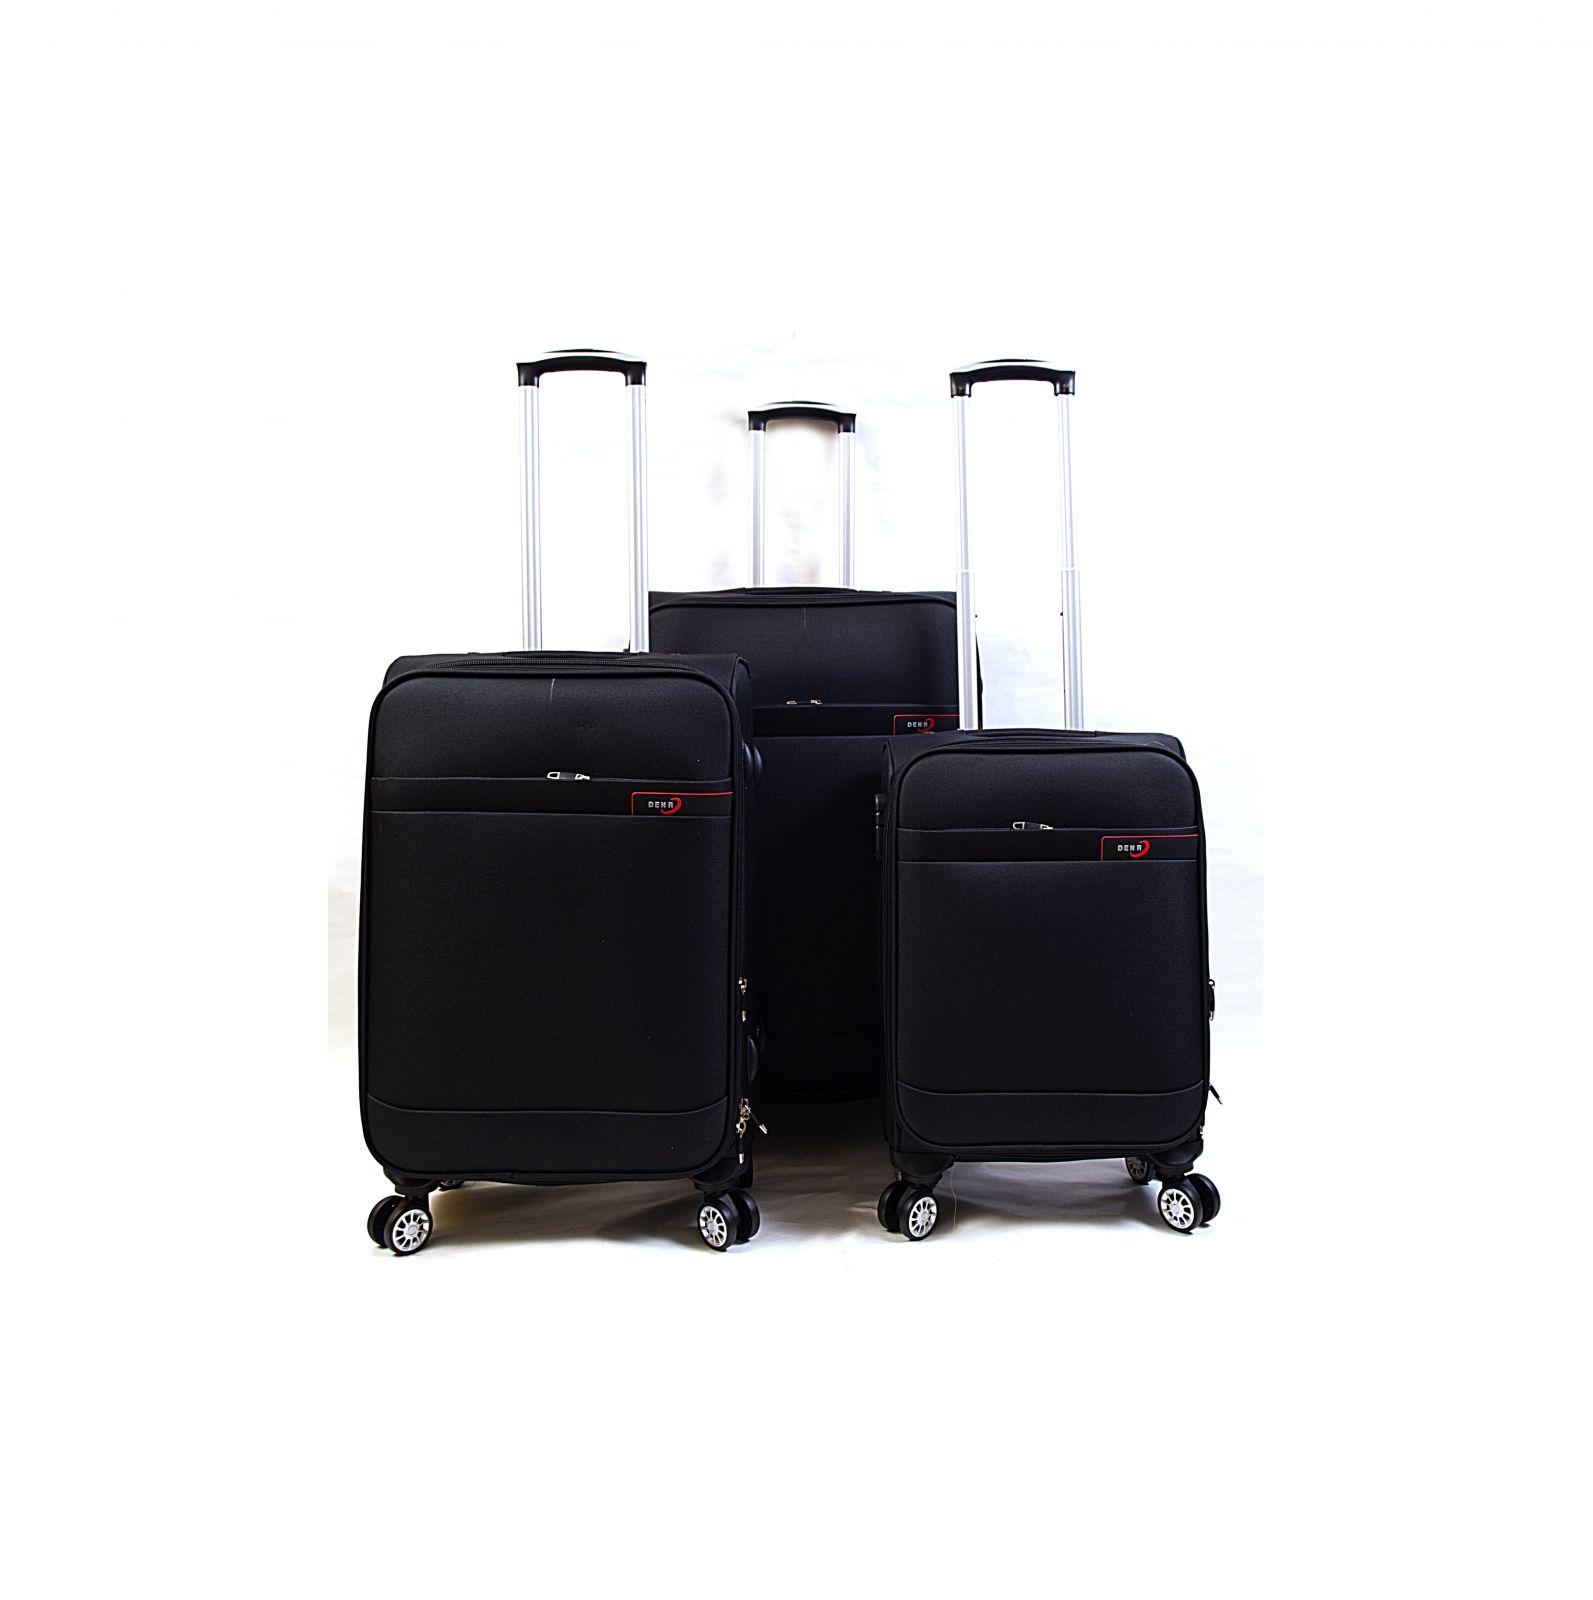 Trolley-CASE TC-882 4w sada 3 kufru černý